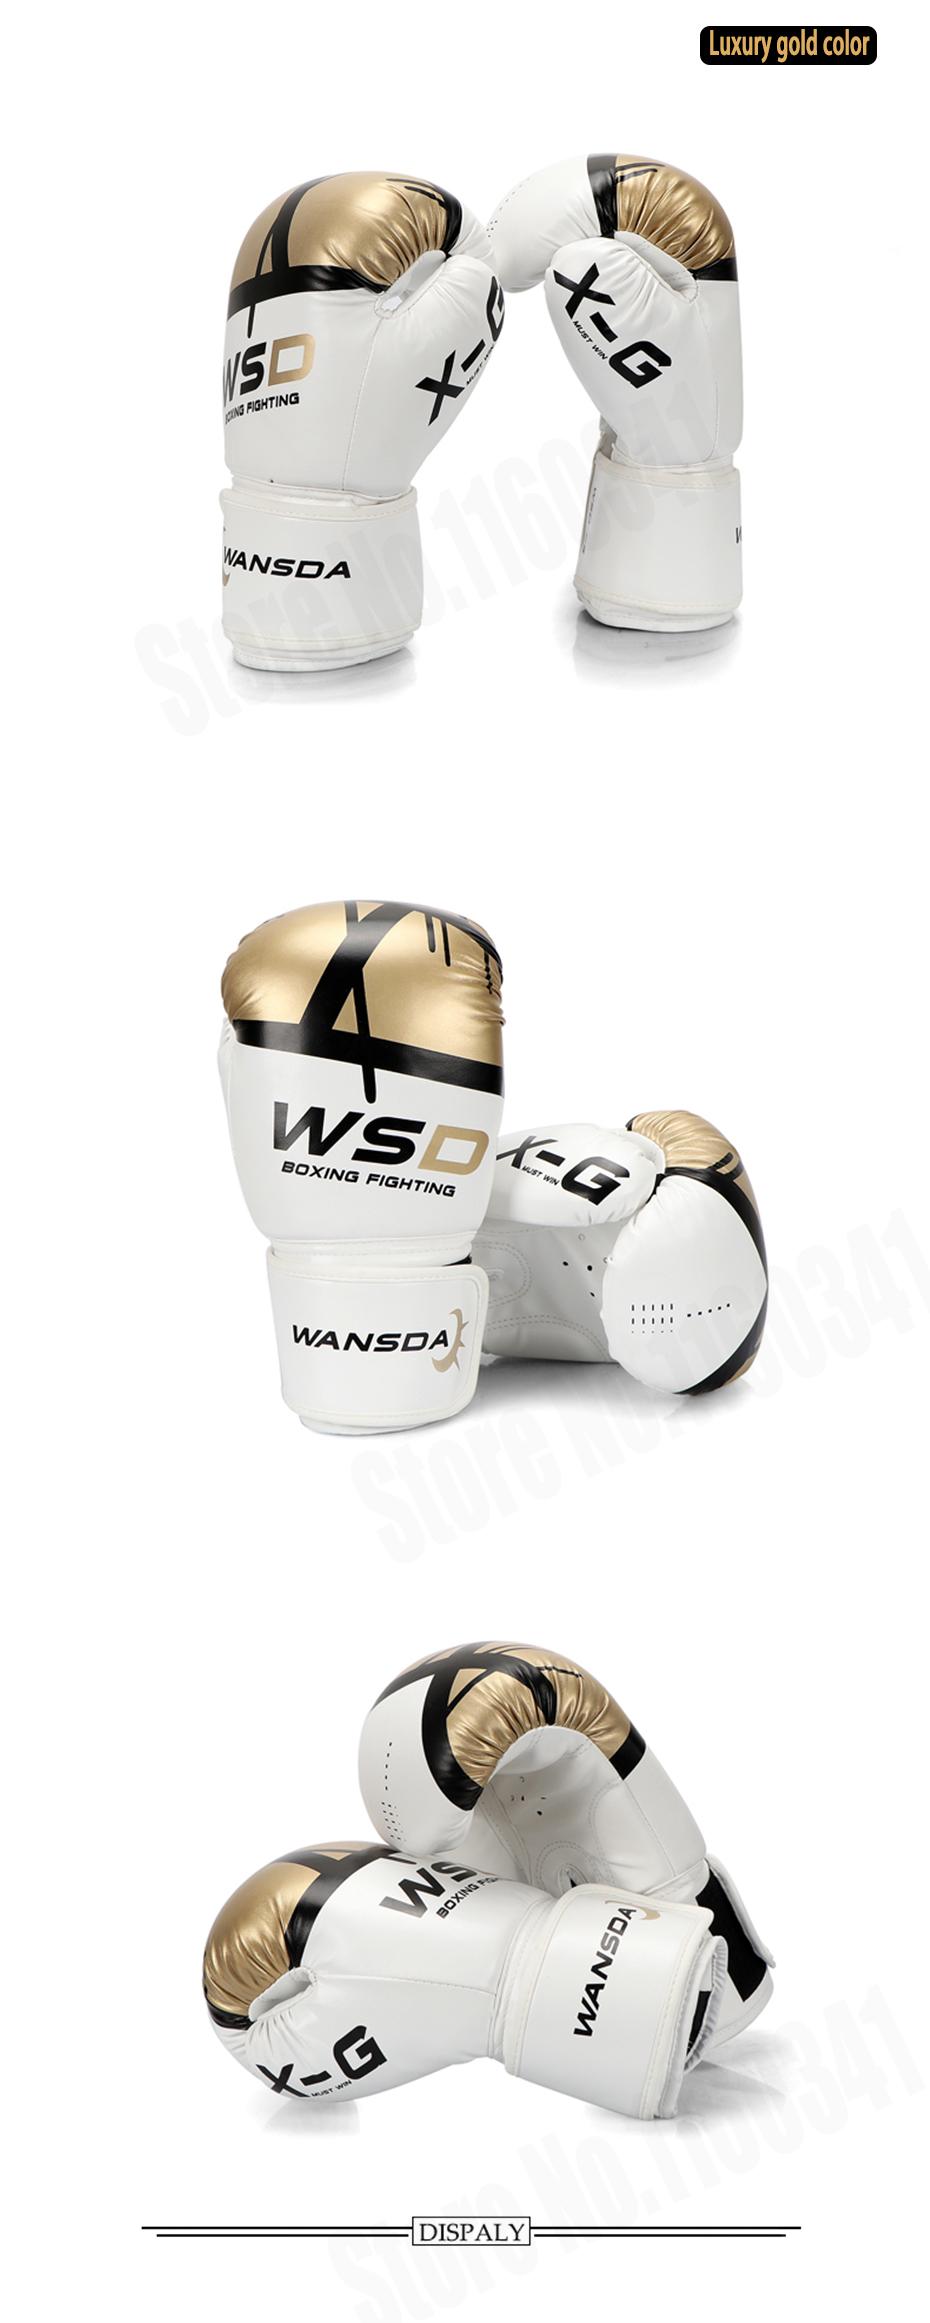 18 New Pink/Gold Men/Women Boxing Fitness Gloves for Sandbag Punch Training MMA Muay Thai Sanda Karate Mitt Equipment 4